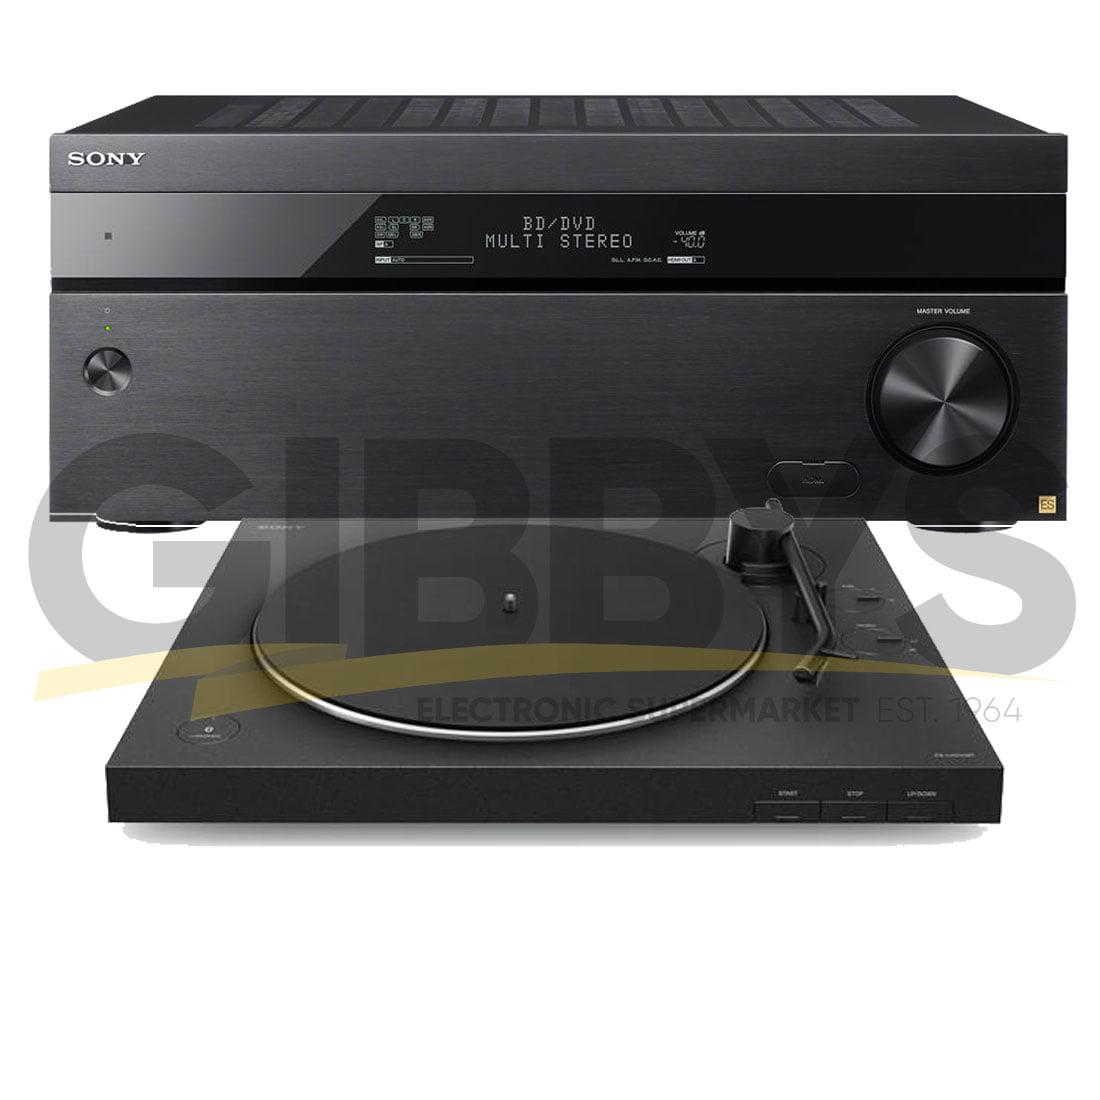 Sony STR-ZA5000ES 9 2 AV Receiver | Sony PS-LX310BT USB Bluetooth Stereo  Turntable